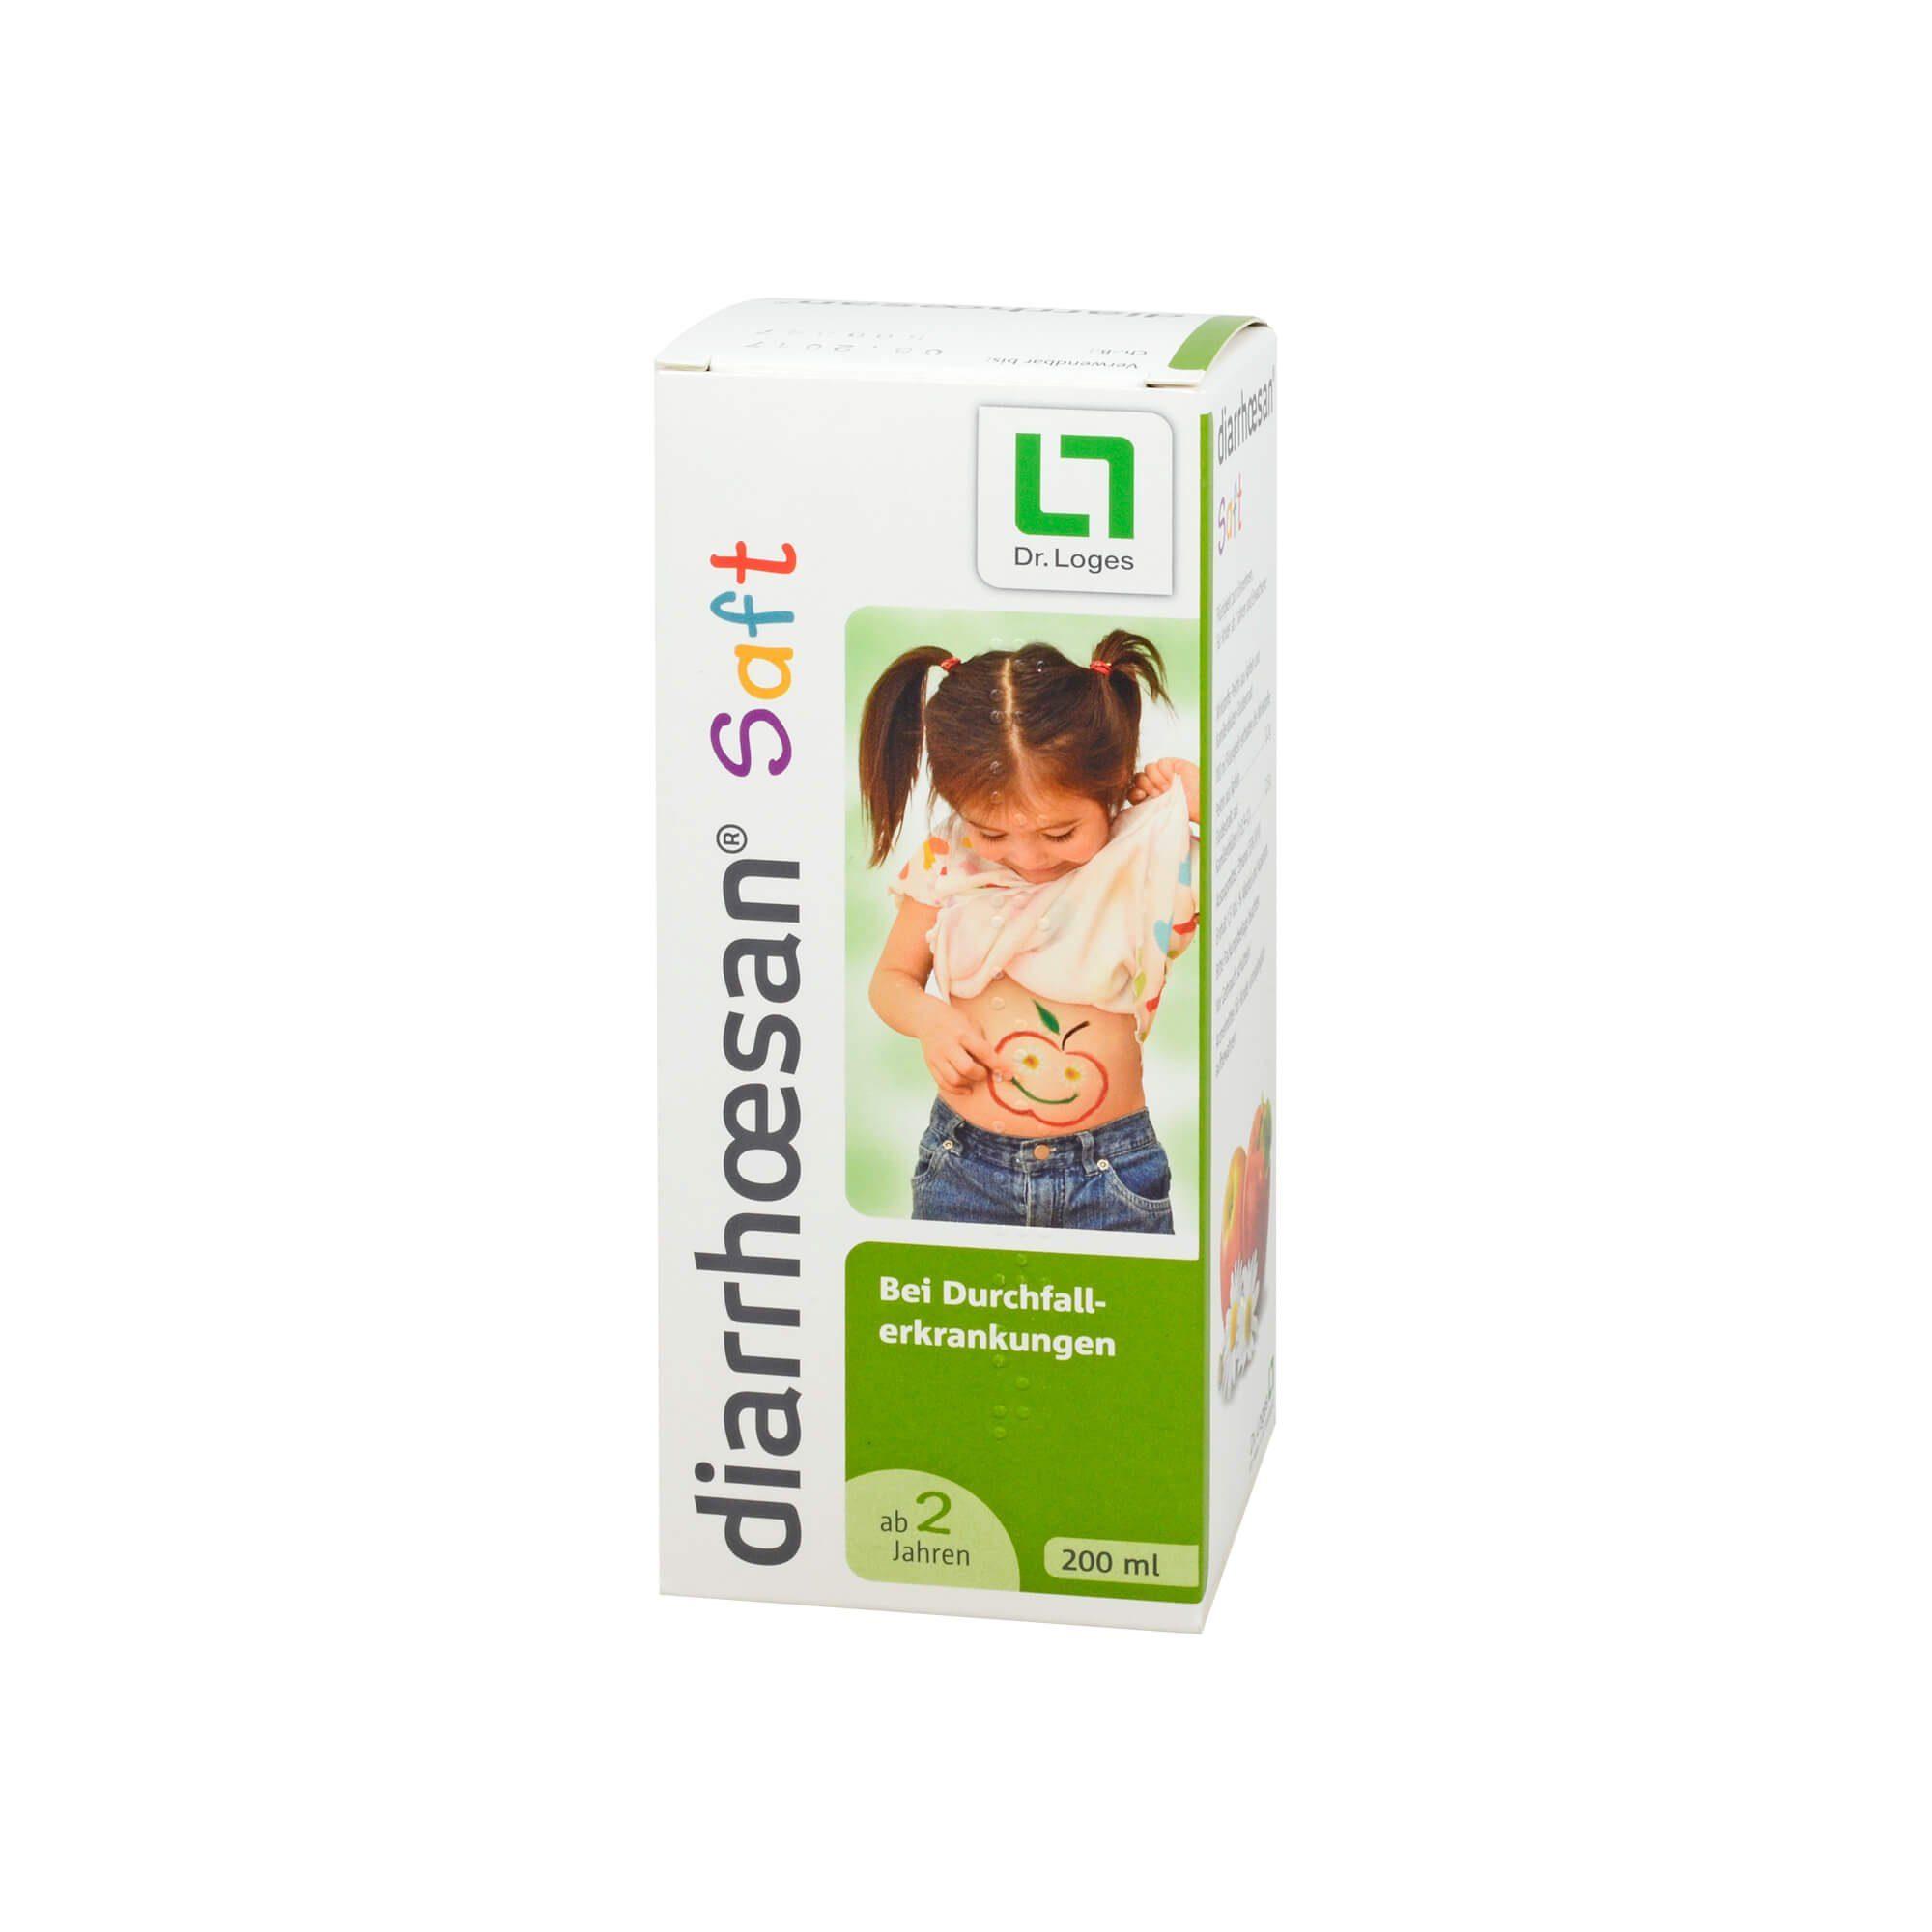 Diarrhoesan Saft, 200 ml